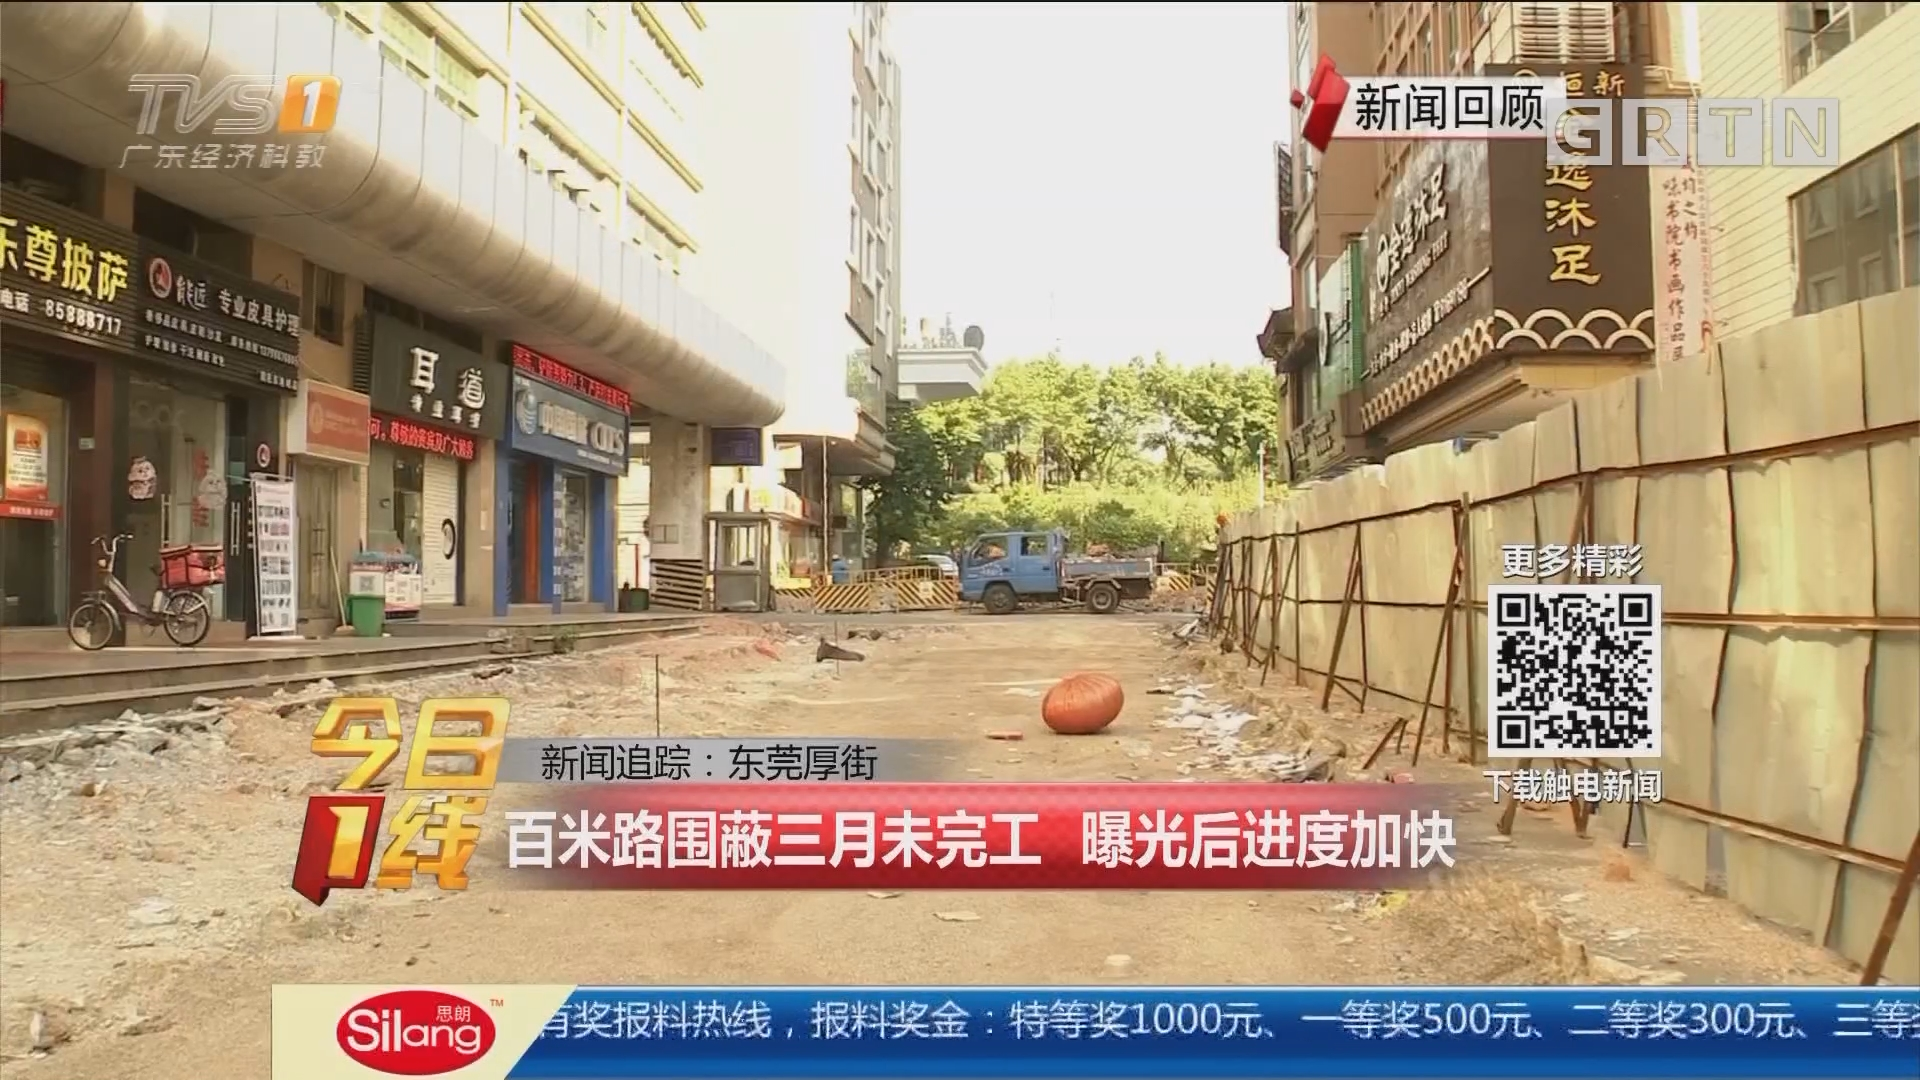 新闻追踪:东莞厚街 百米路围蔽三月未完工 曝光后进度加快